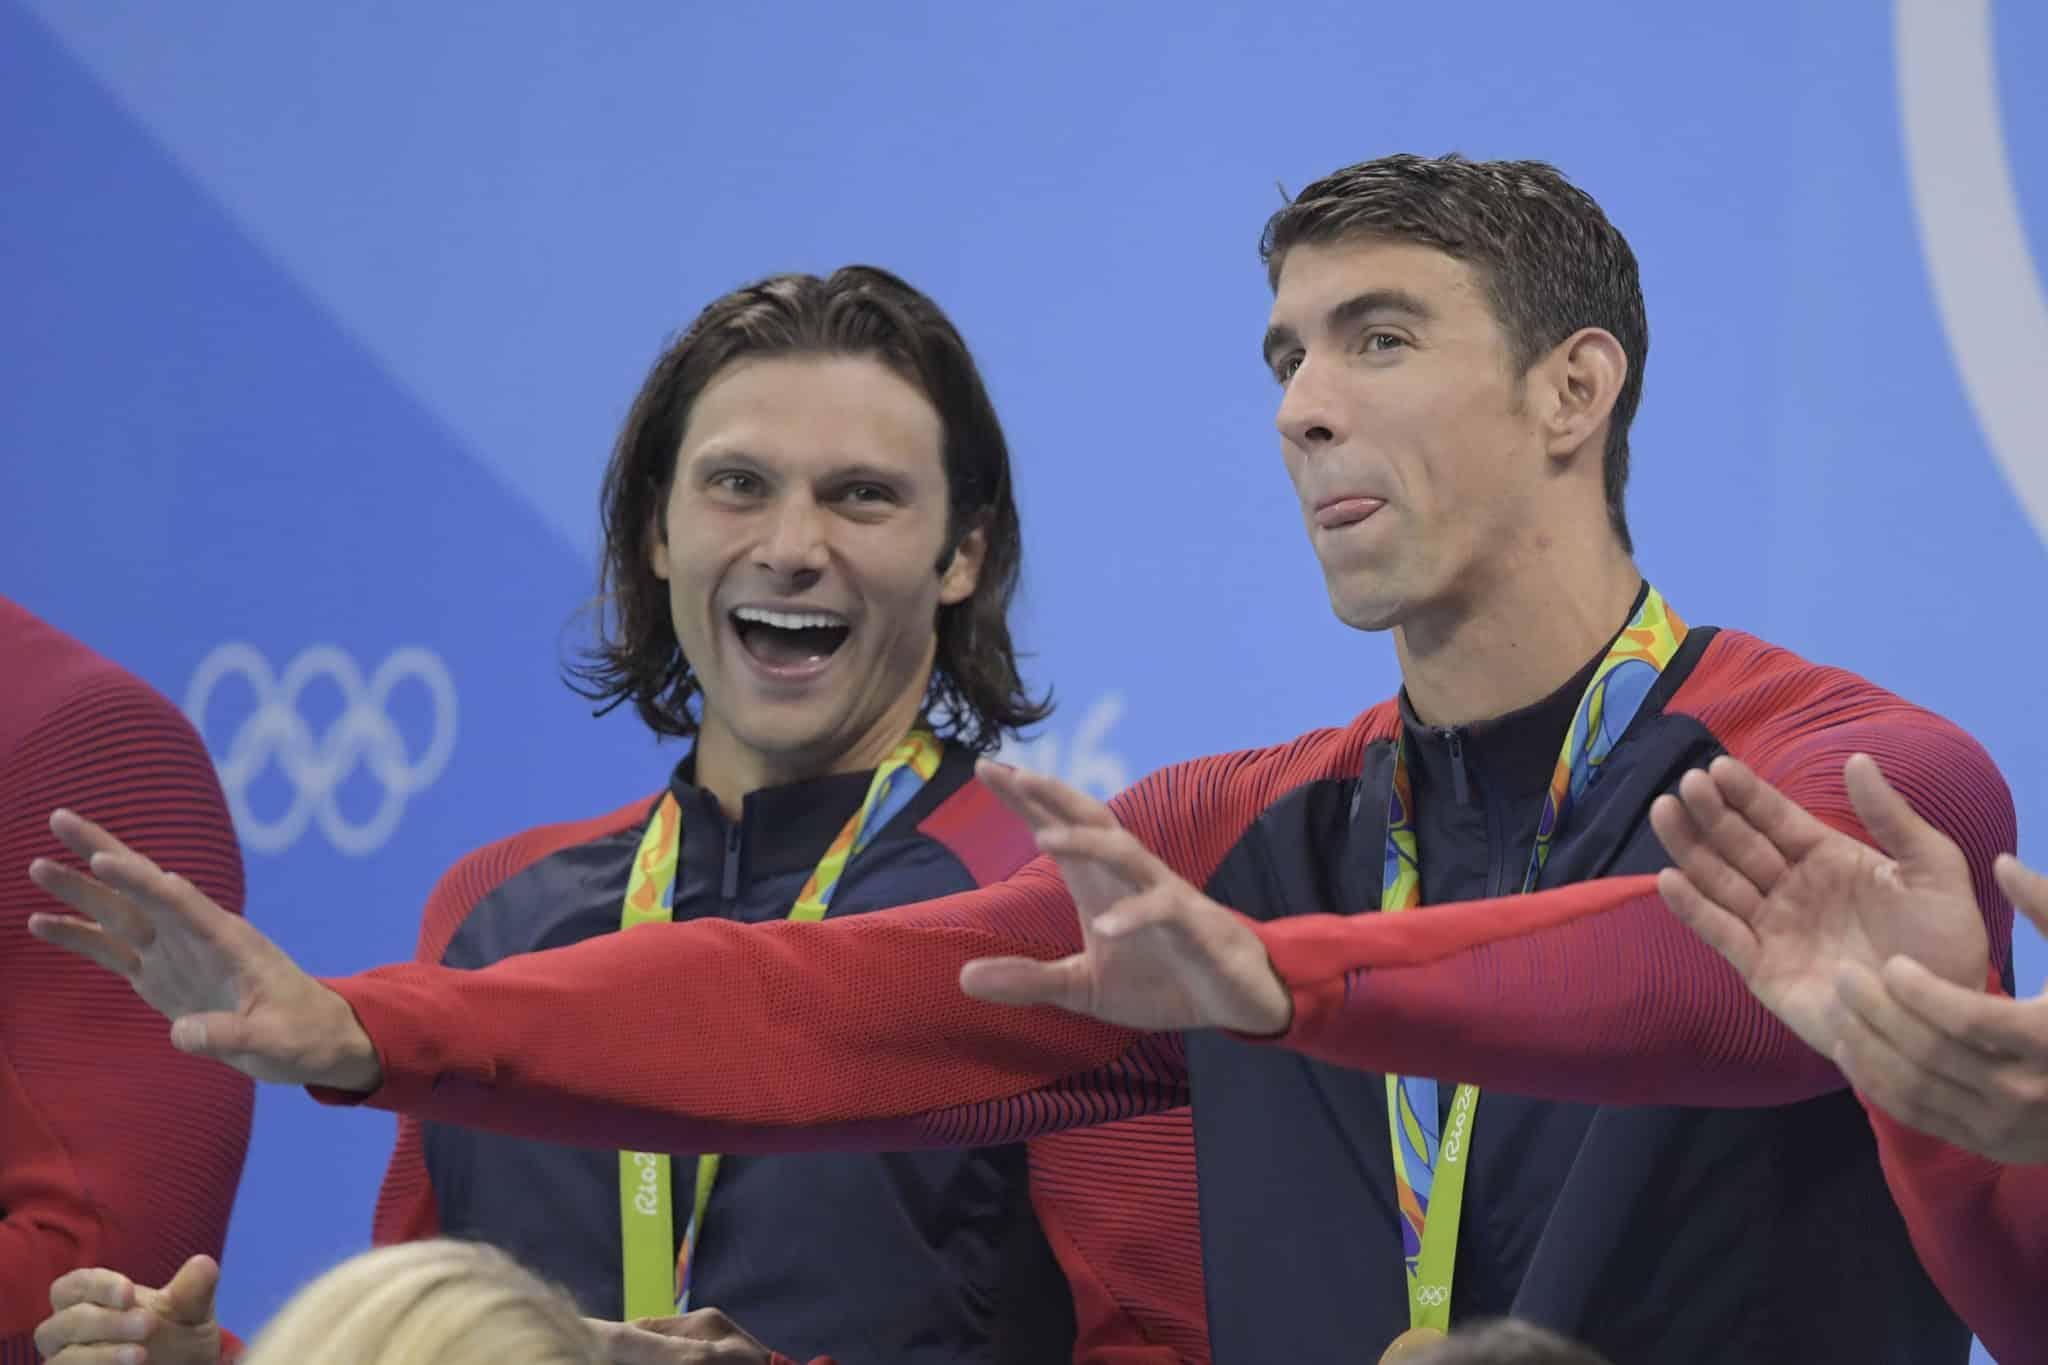 オリンピックで最も金メダルを獲得したのは?に関する雑学